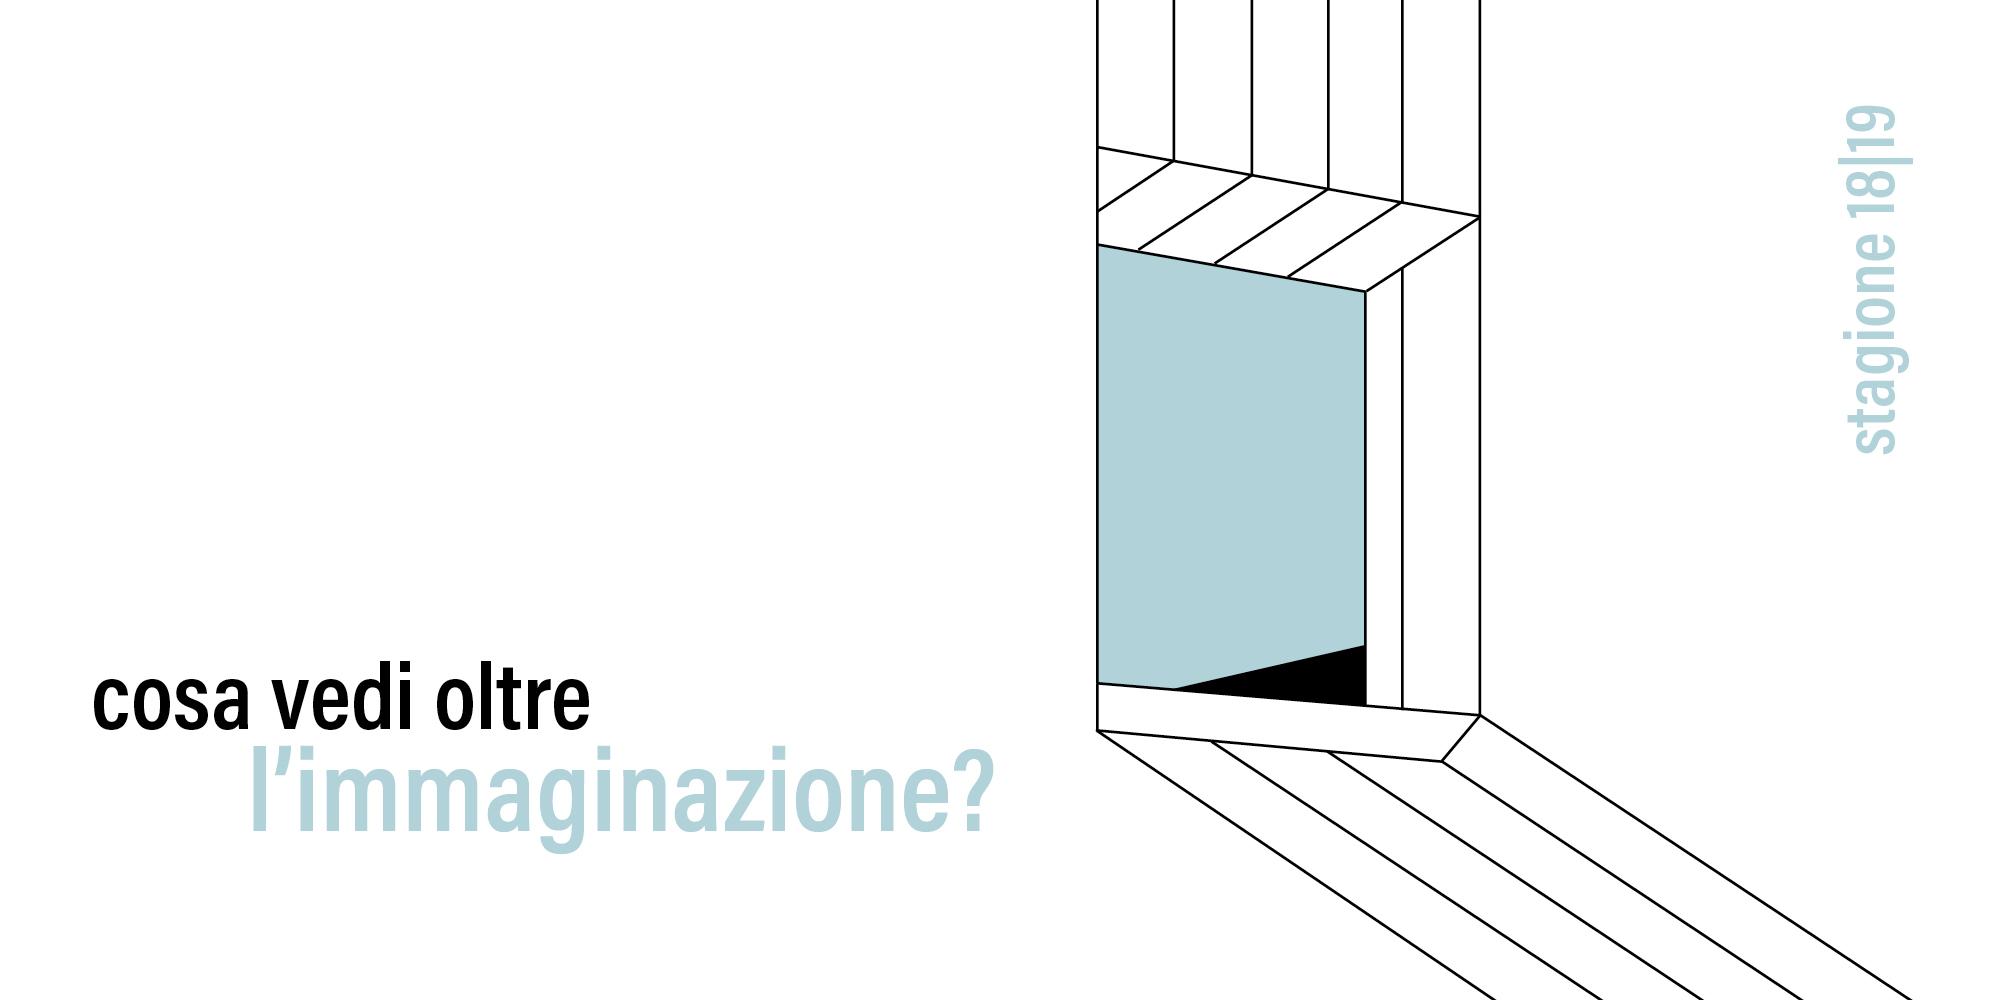 Teatro Comunale San Teodoro a Cantù, stagione 2018 2019 #cosavedi